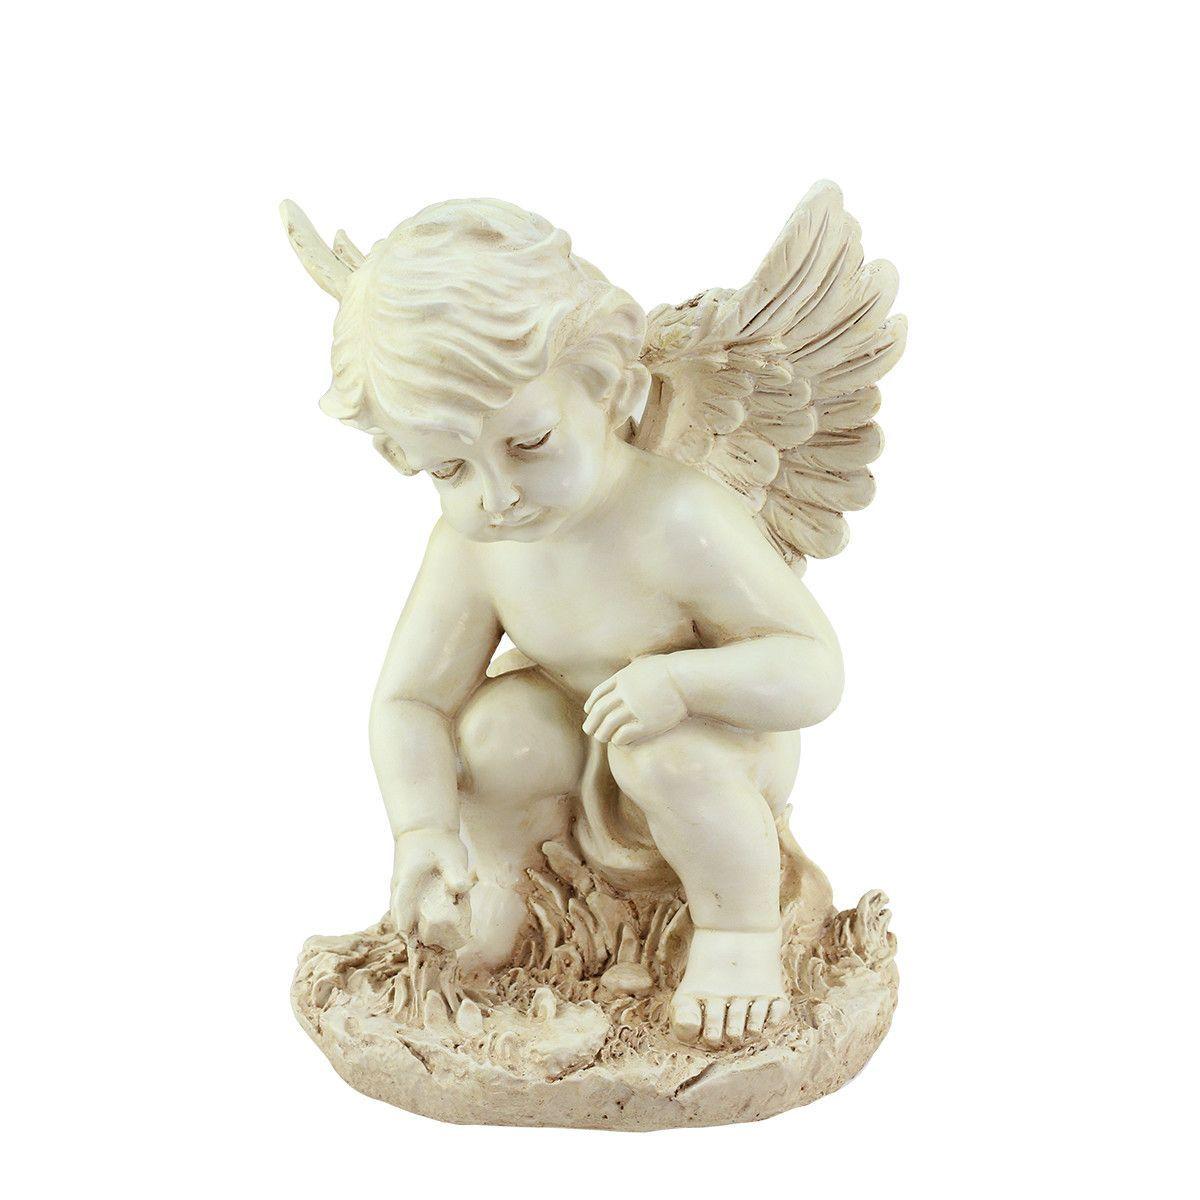 Heavenly Gardens Sitting Cherub Angel Outdoor Patio Garden Statue